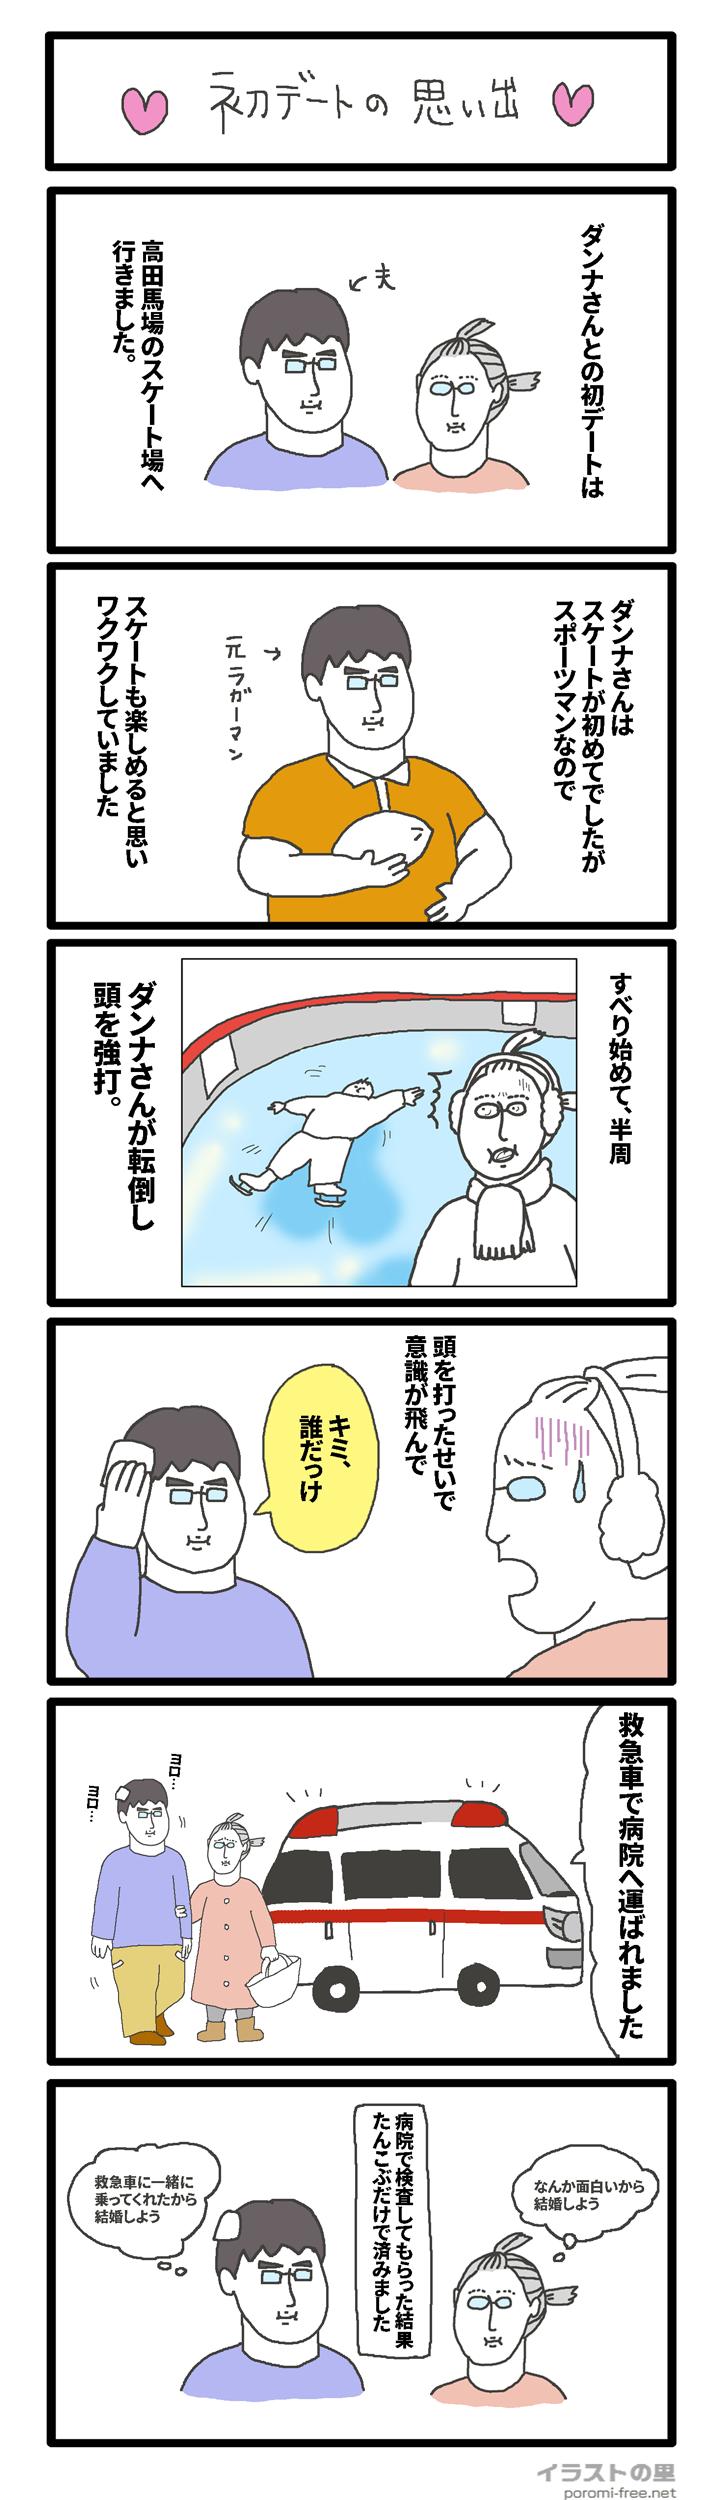 漫画「初デートの思い出」